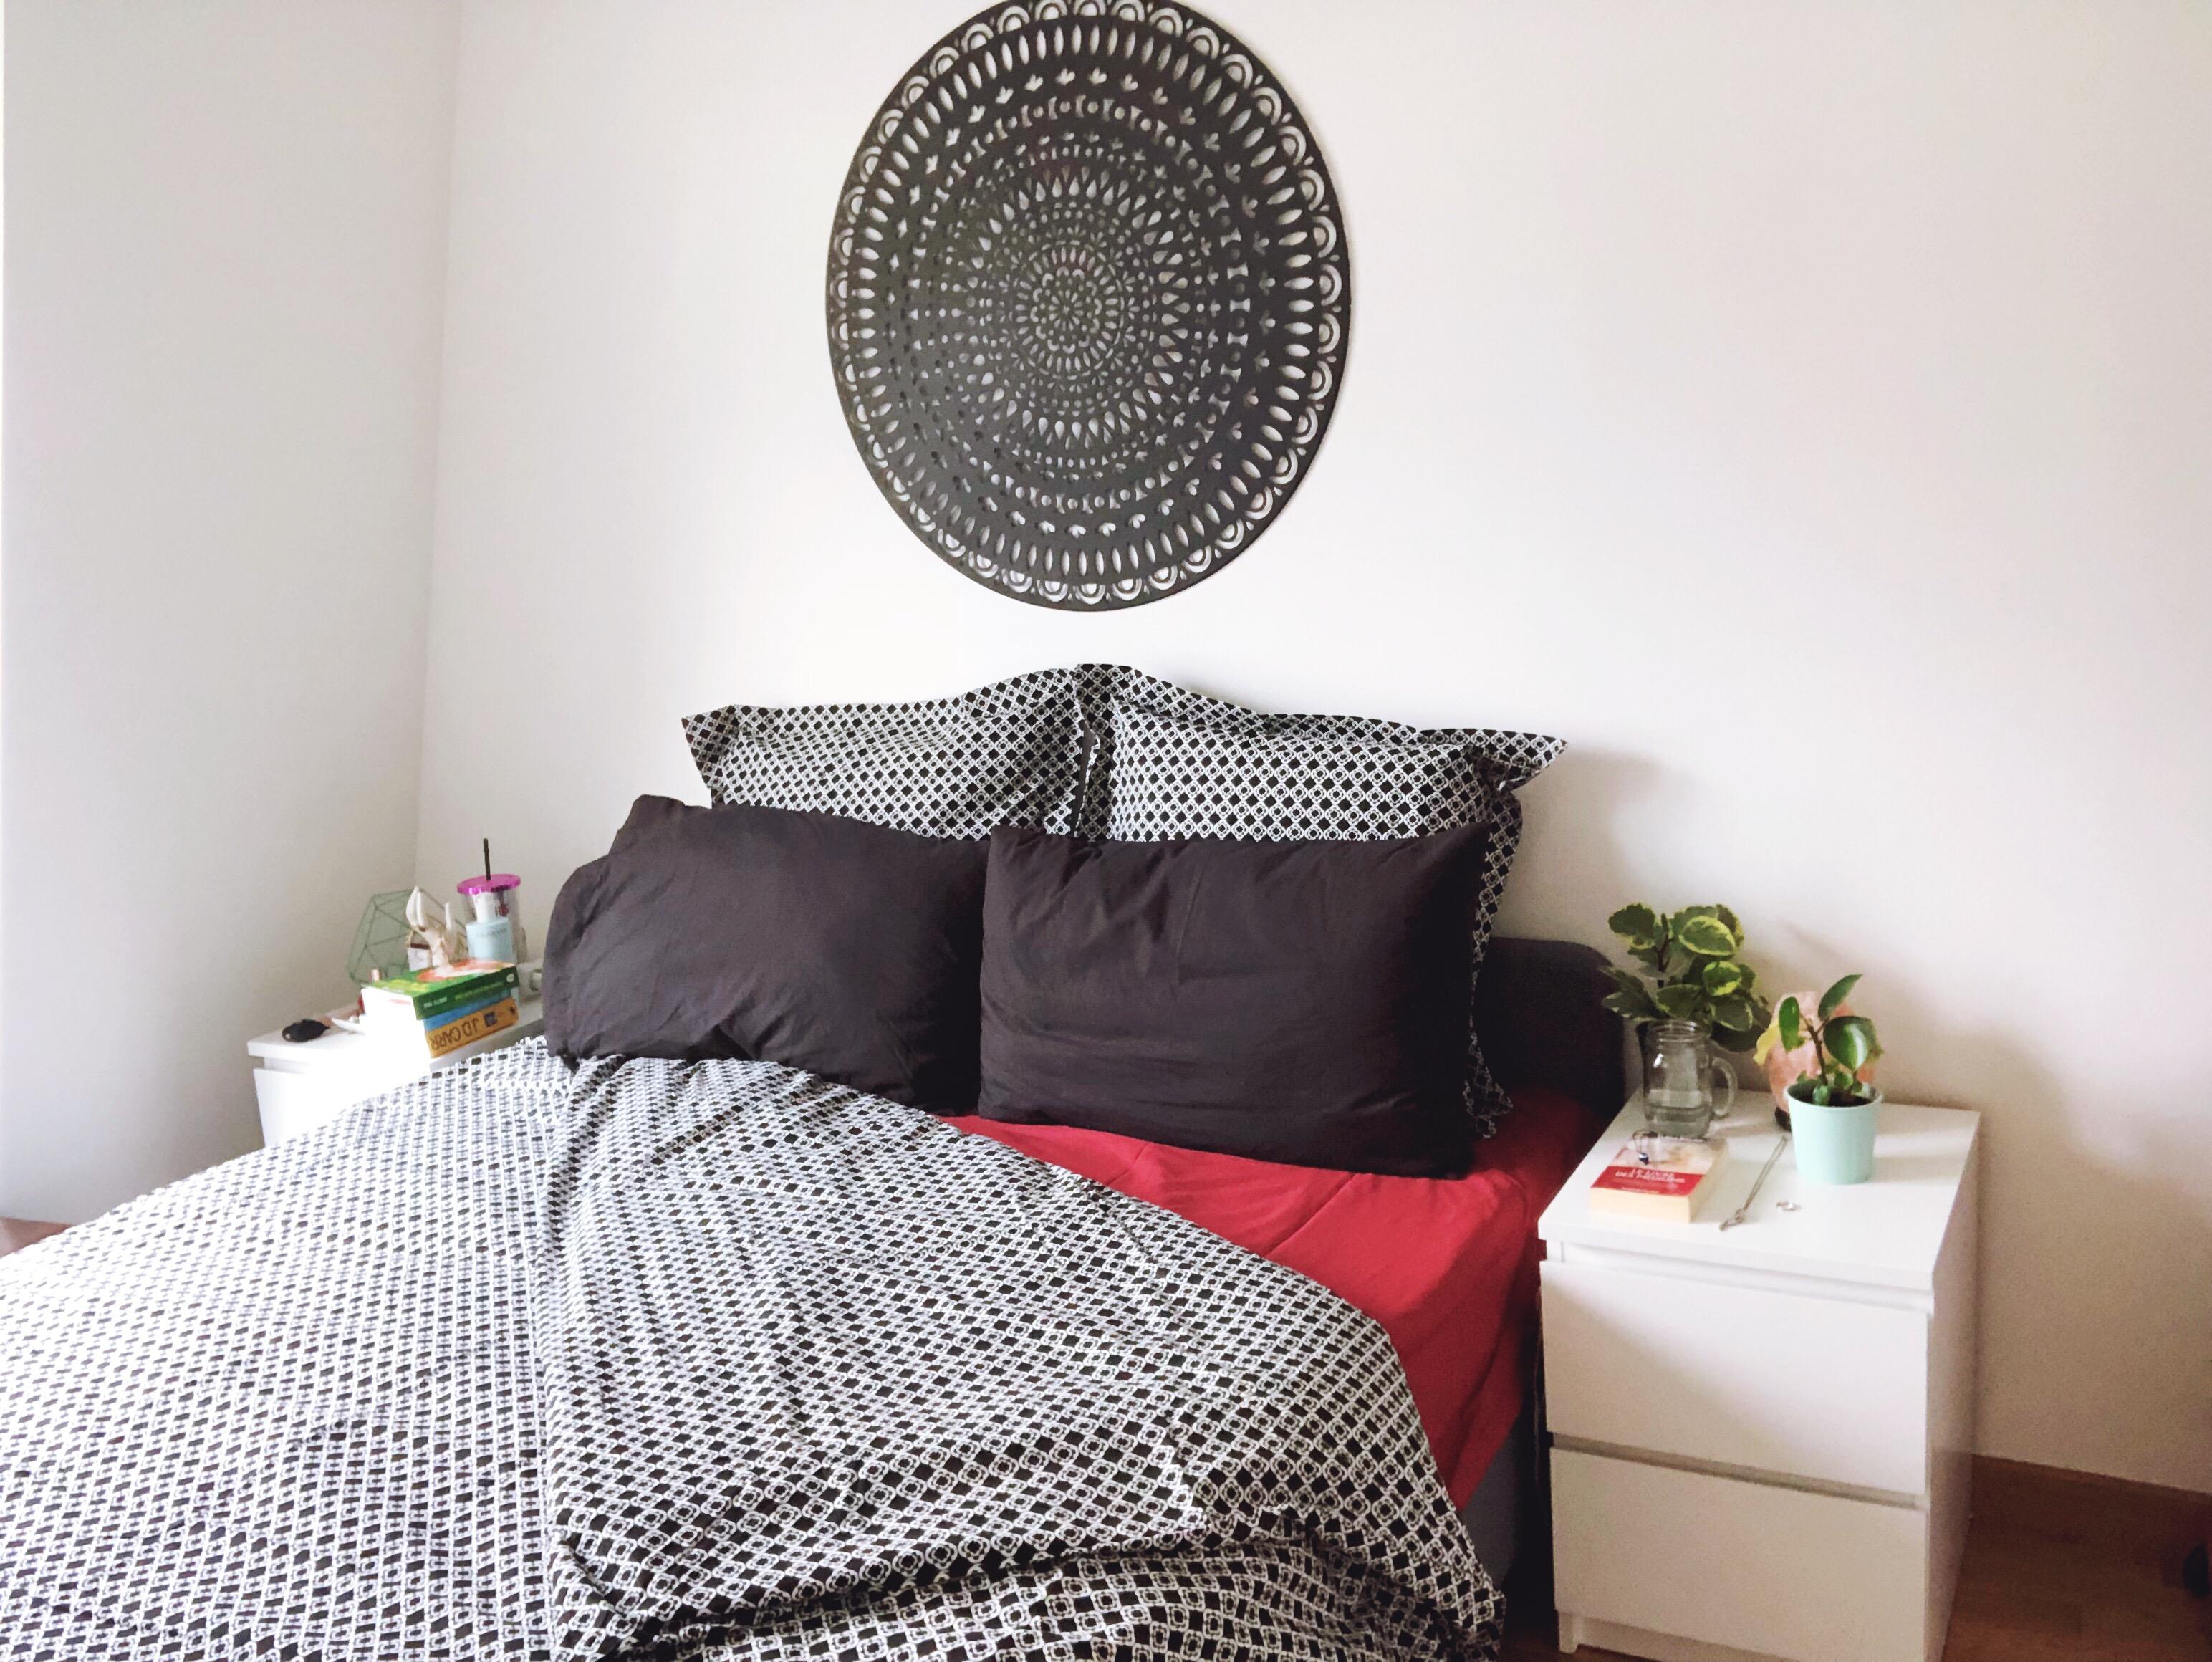 Comment Rafraichir Une Chambre De Bébé comment dormir comme un bébé l'été ? - le so girly blog